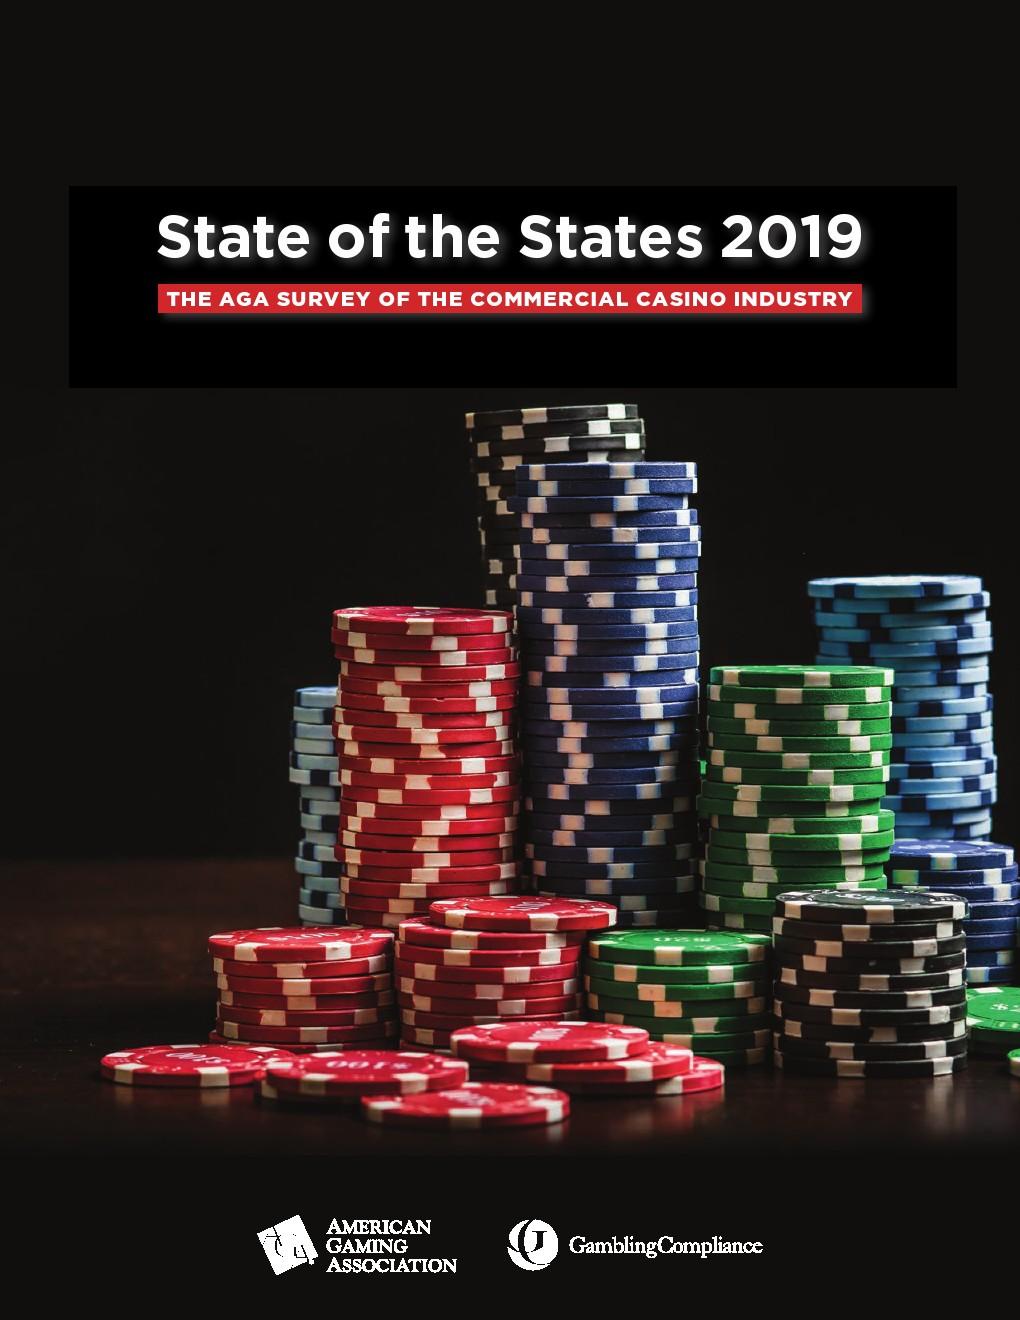 美国博彩协会:2019年美国博彩行业报告